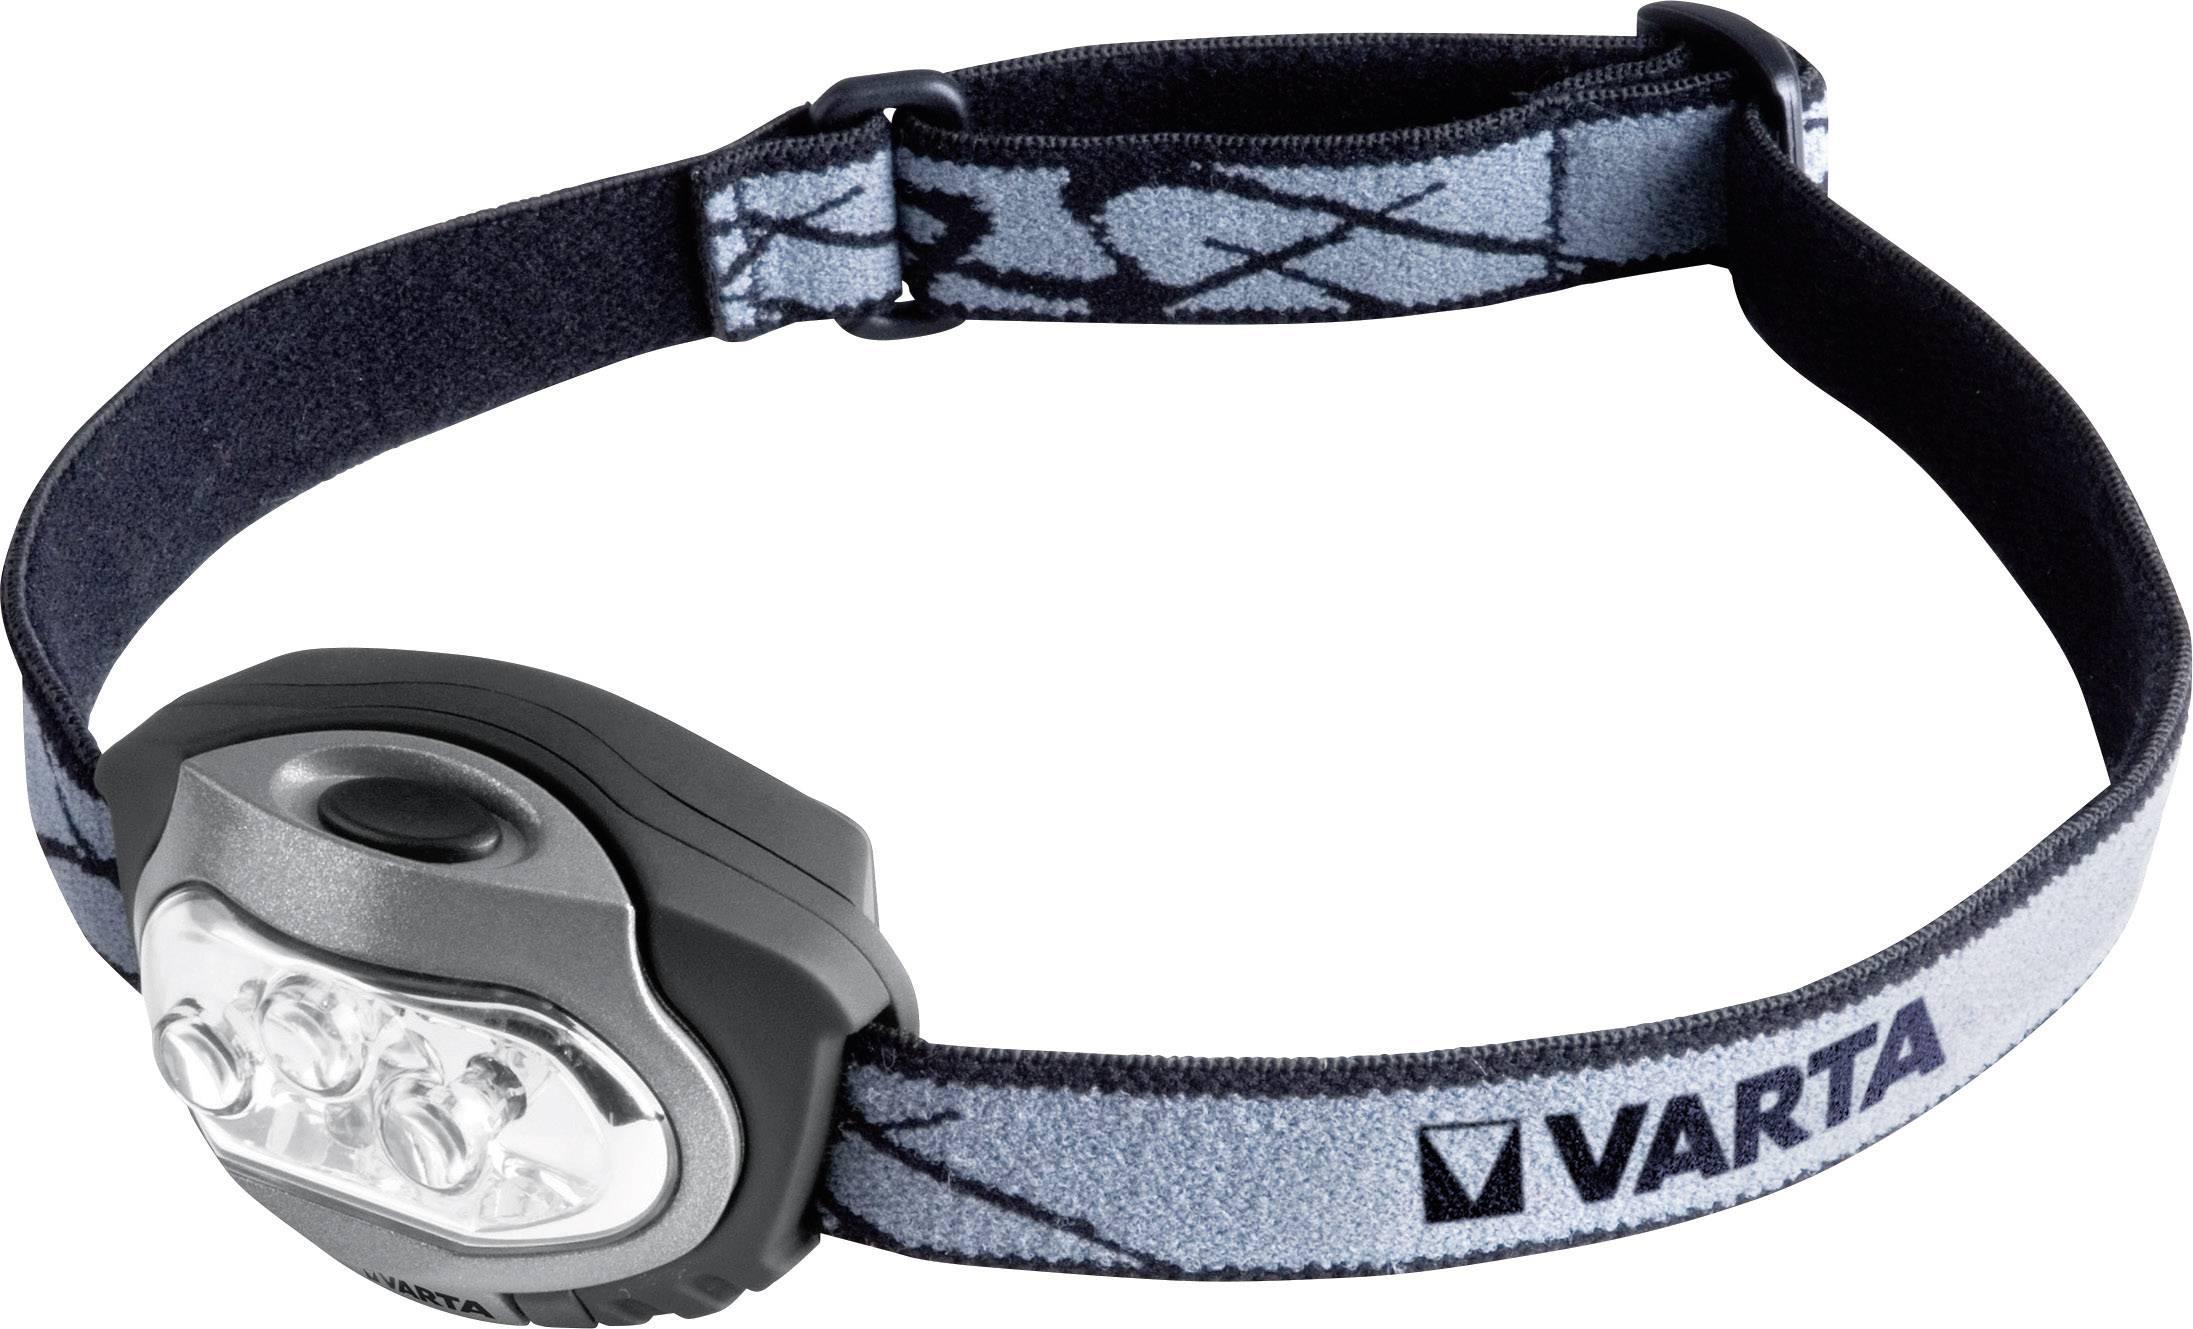 LED čelovka Varta X4 17631101421, na batérie, 79 g, čiernostrieborná